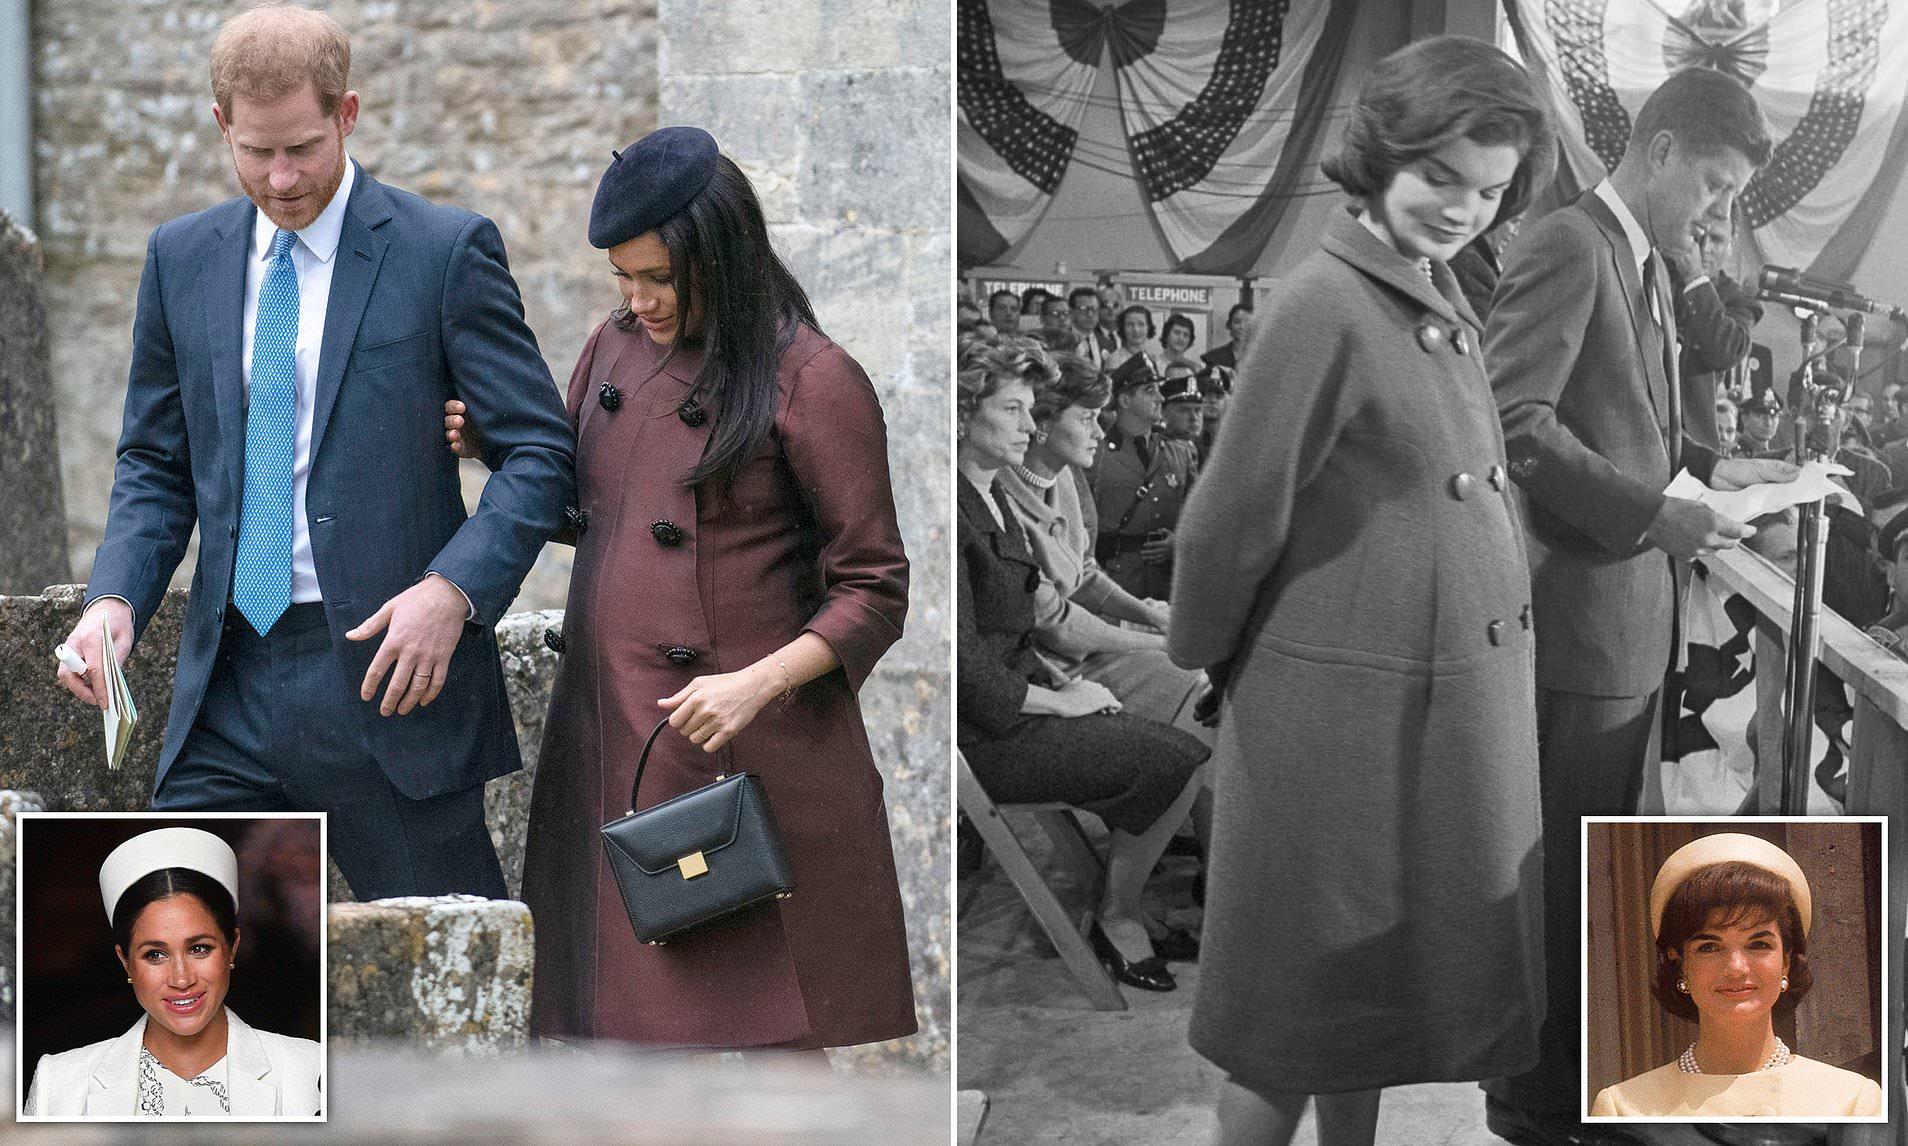 """Công nương Kate """"hạ đo ván"""" Meghan khi lần đầu tiên diện bộ đồ cũ đặc biệt, đẹp chẳng kém mẹ chồng Diana khi xưa - Ảnh 7."""